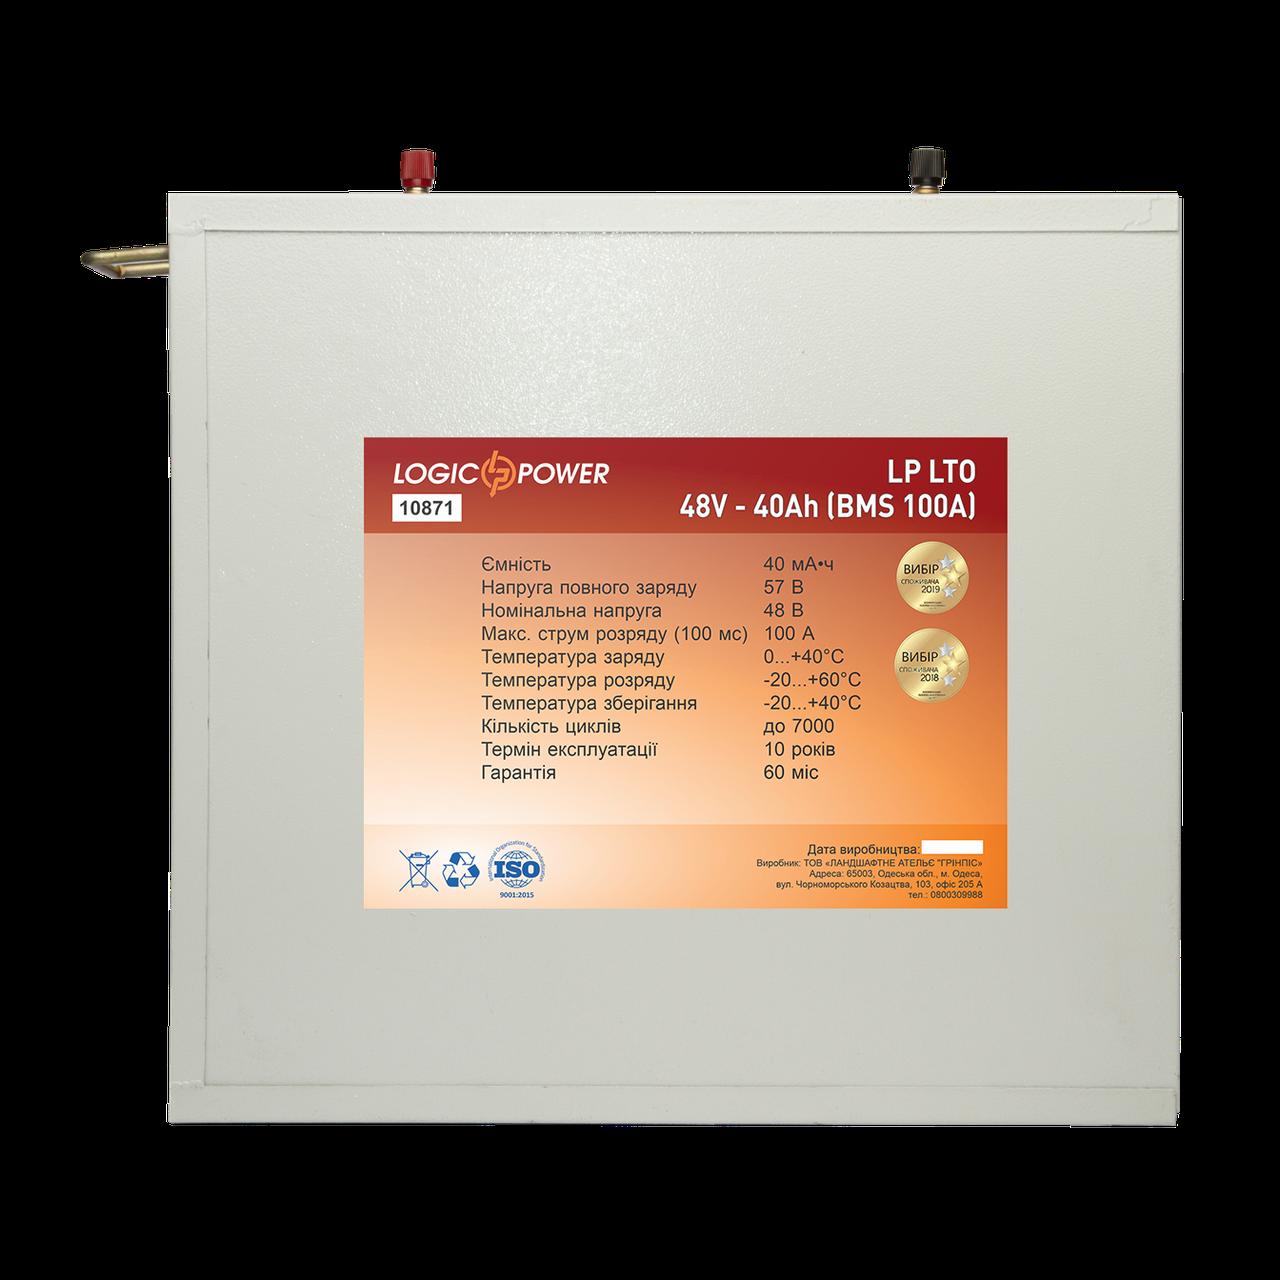 Аккумуляторная батарея LP LTO 48V - 40Ah BMS 100A металл для солнечных панелей